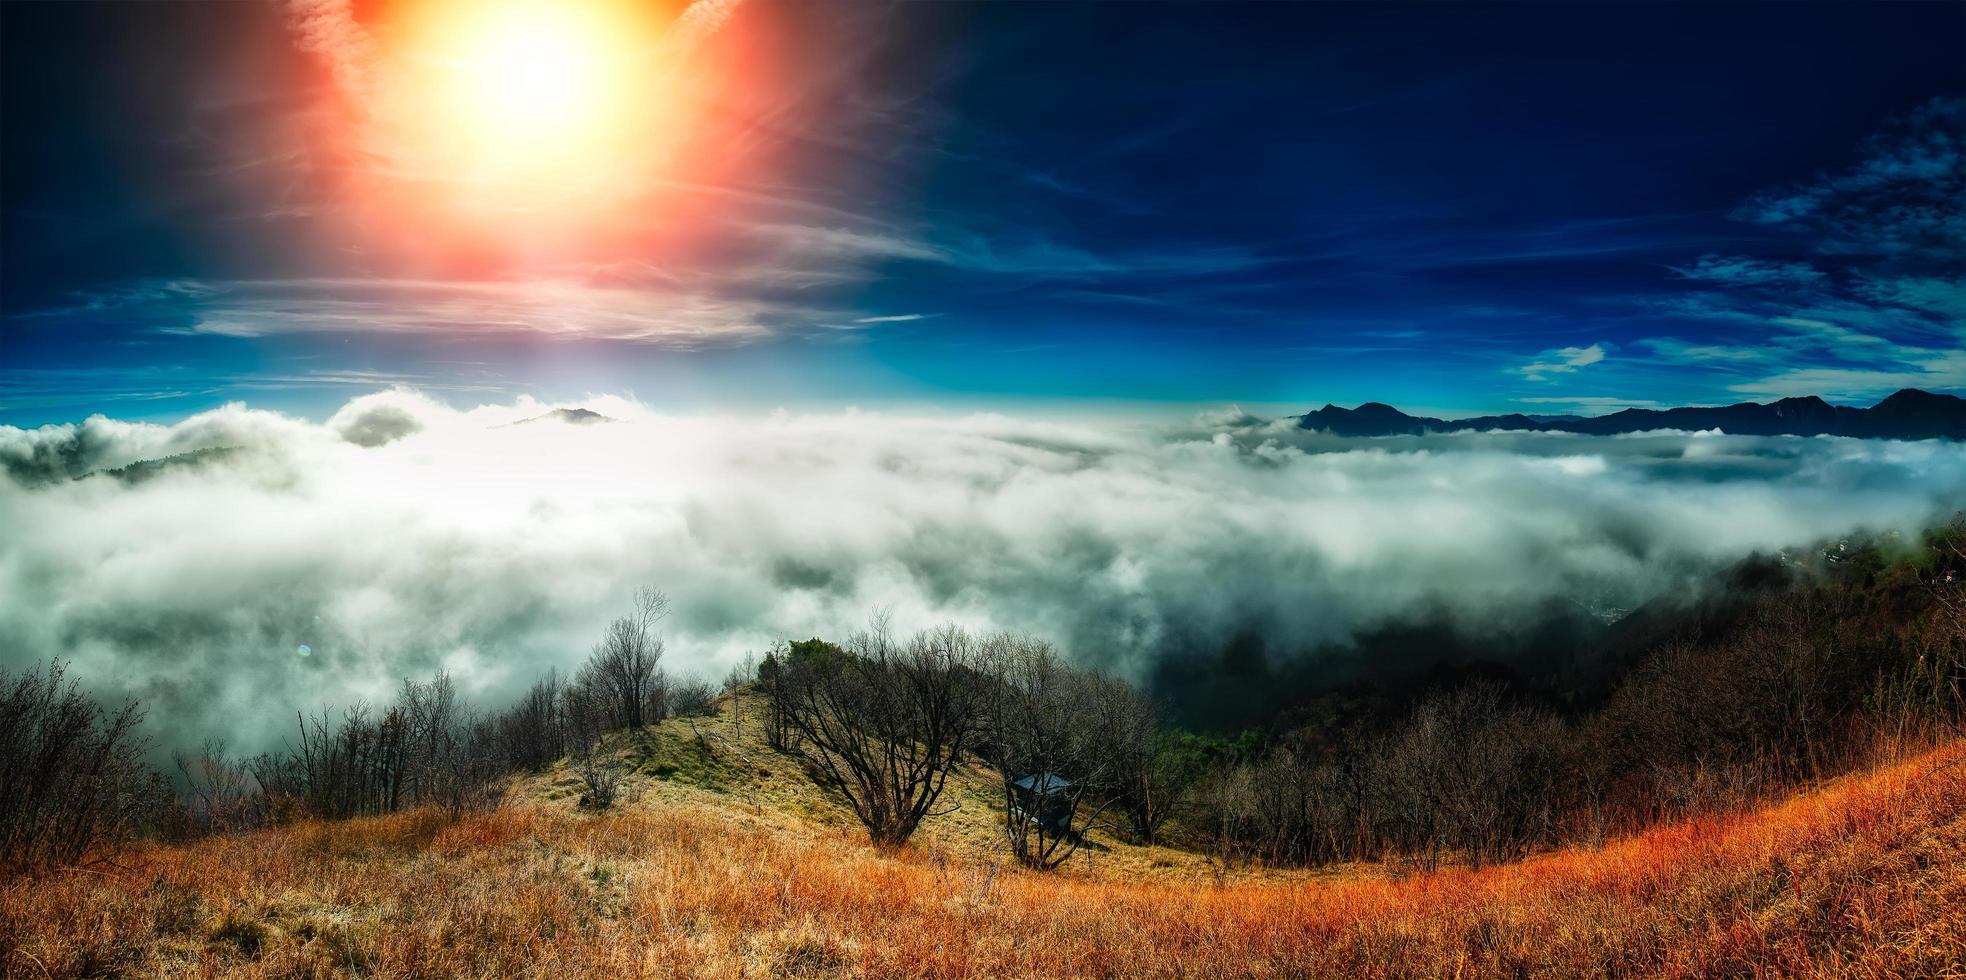 mare di nebbia in autunno in montagna foto